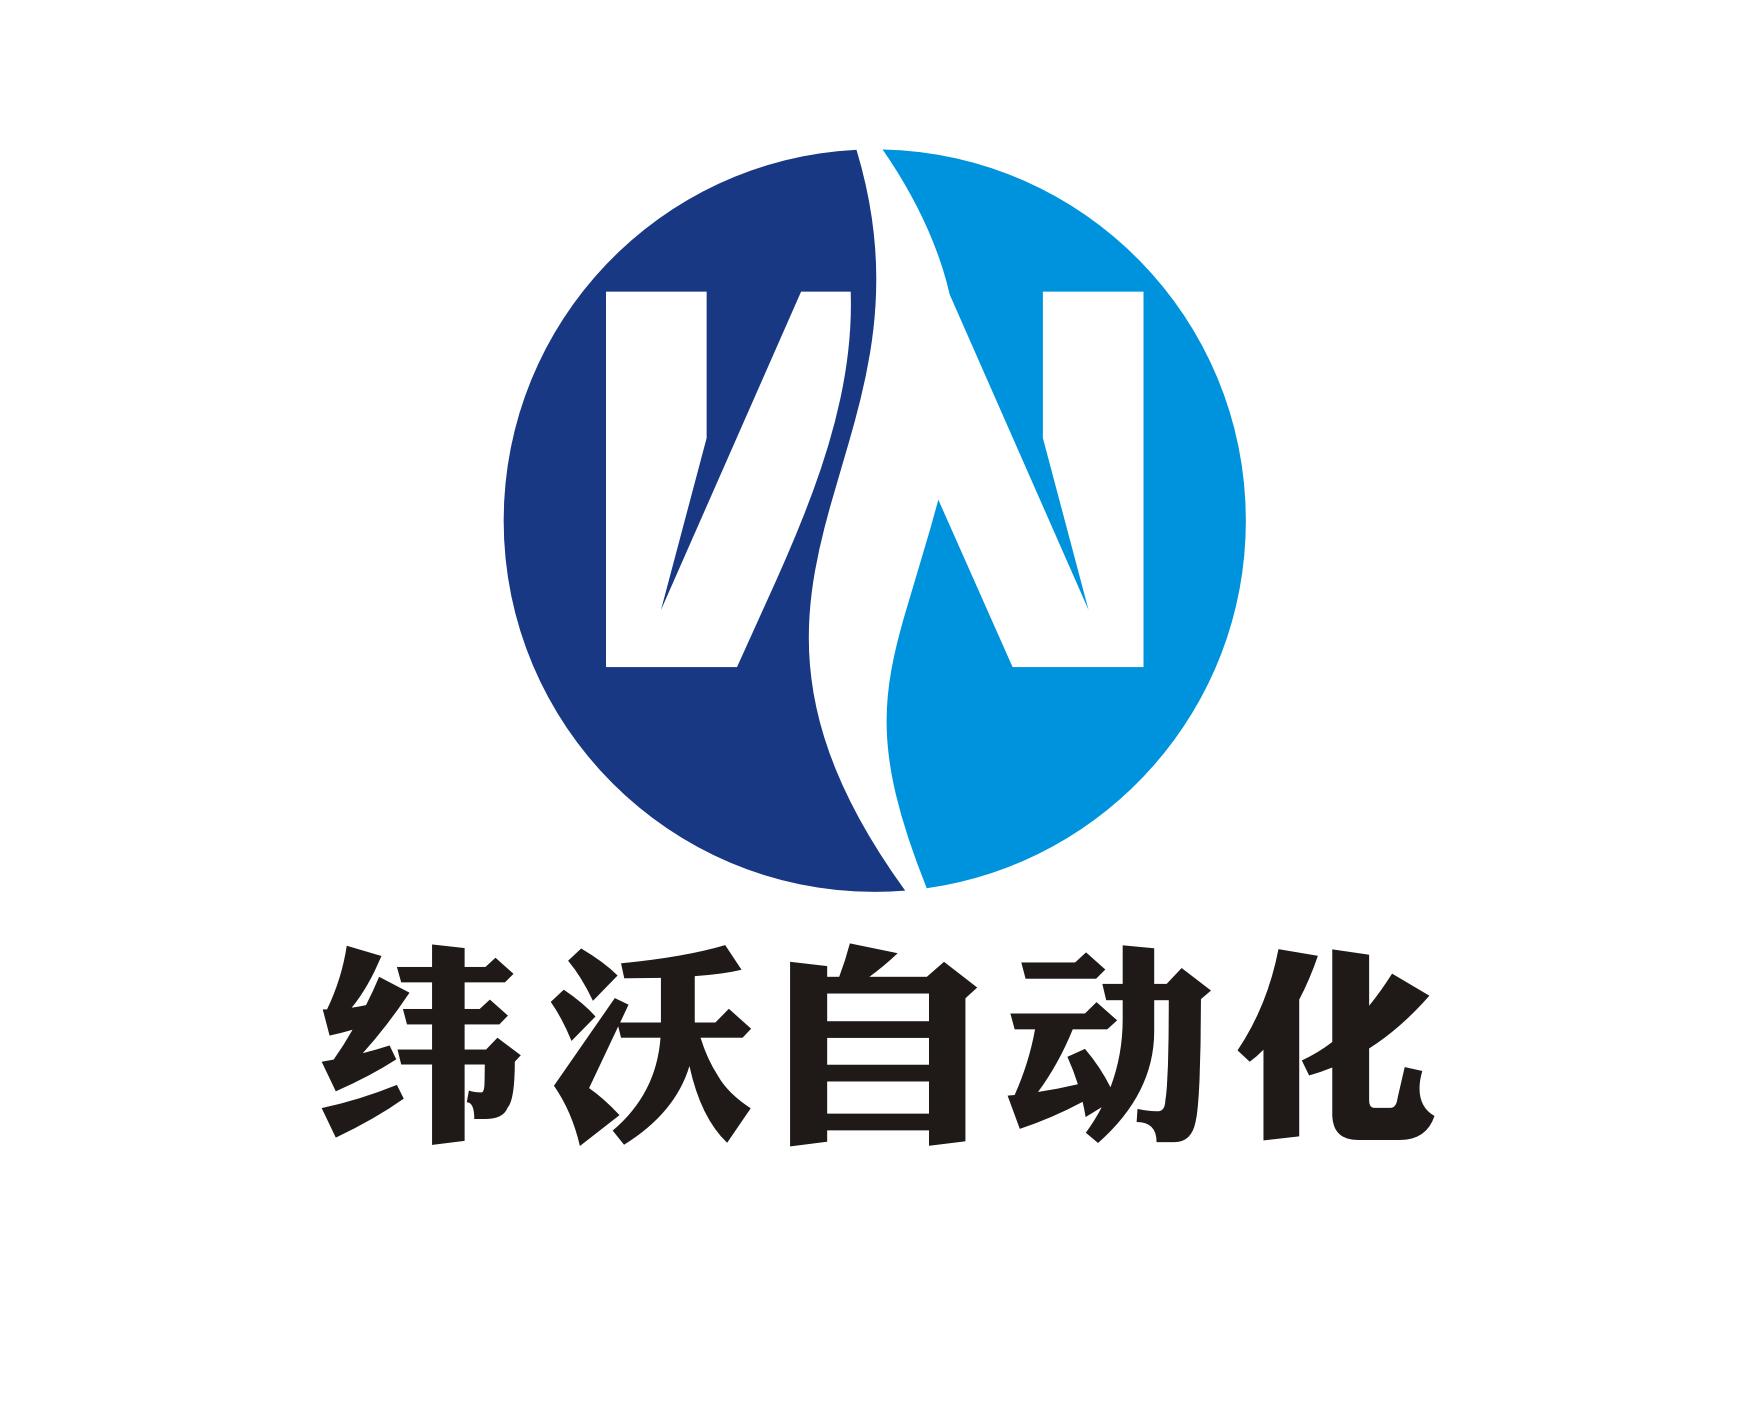 扬州纬沃自动化设备有限公司